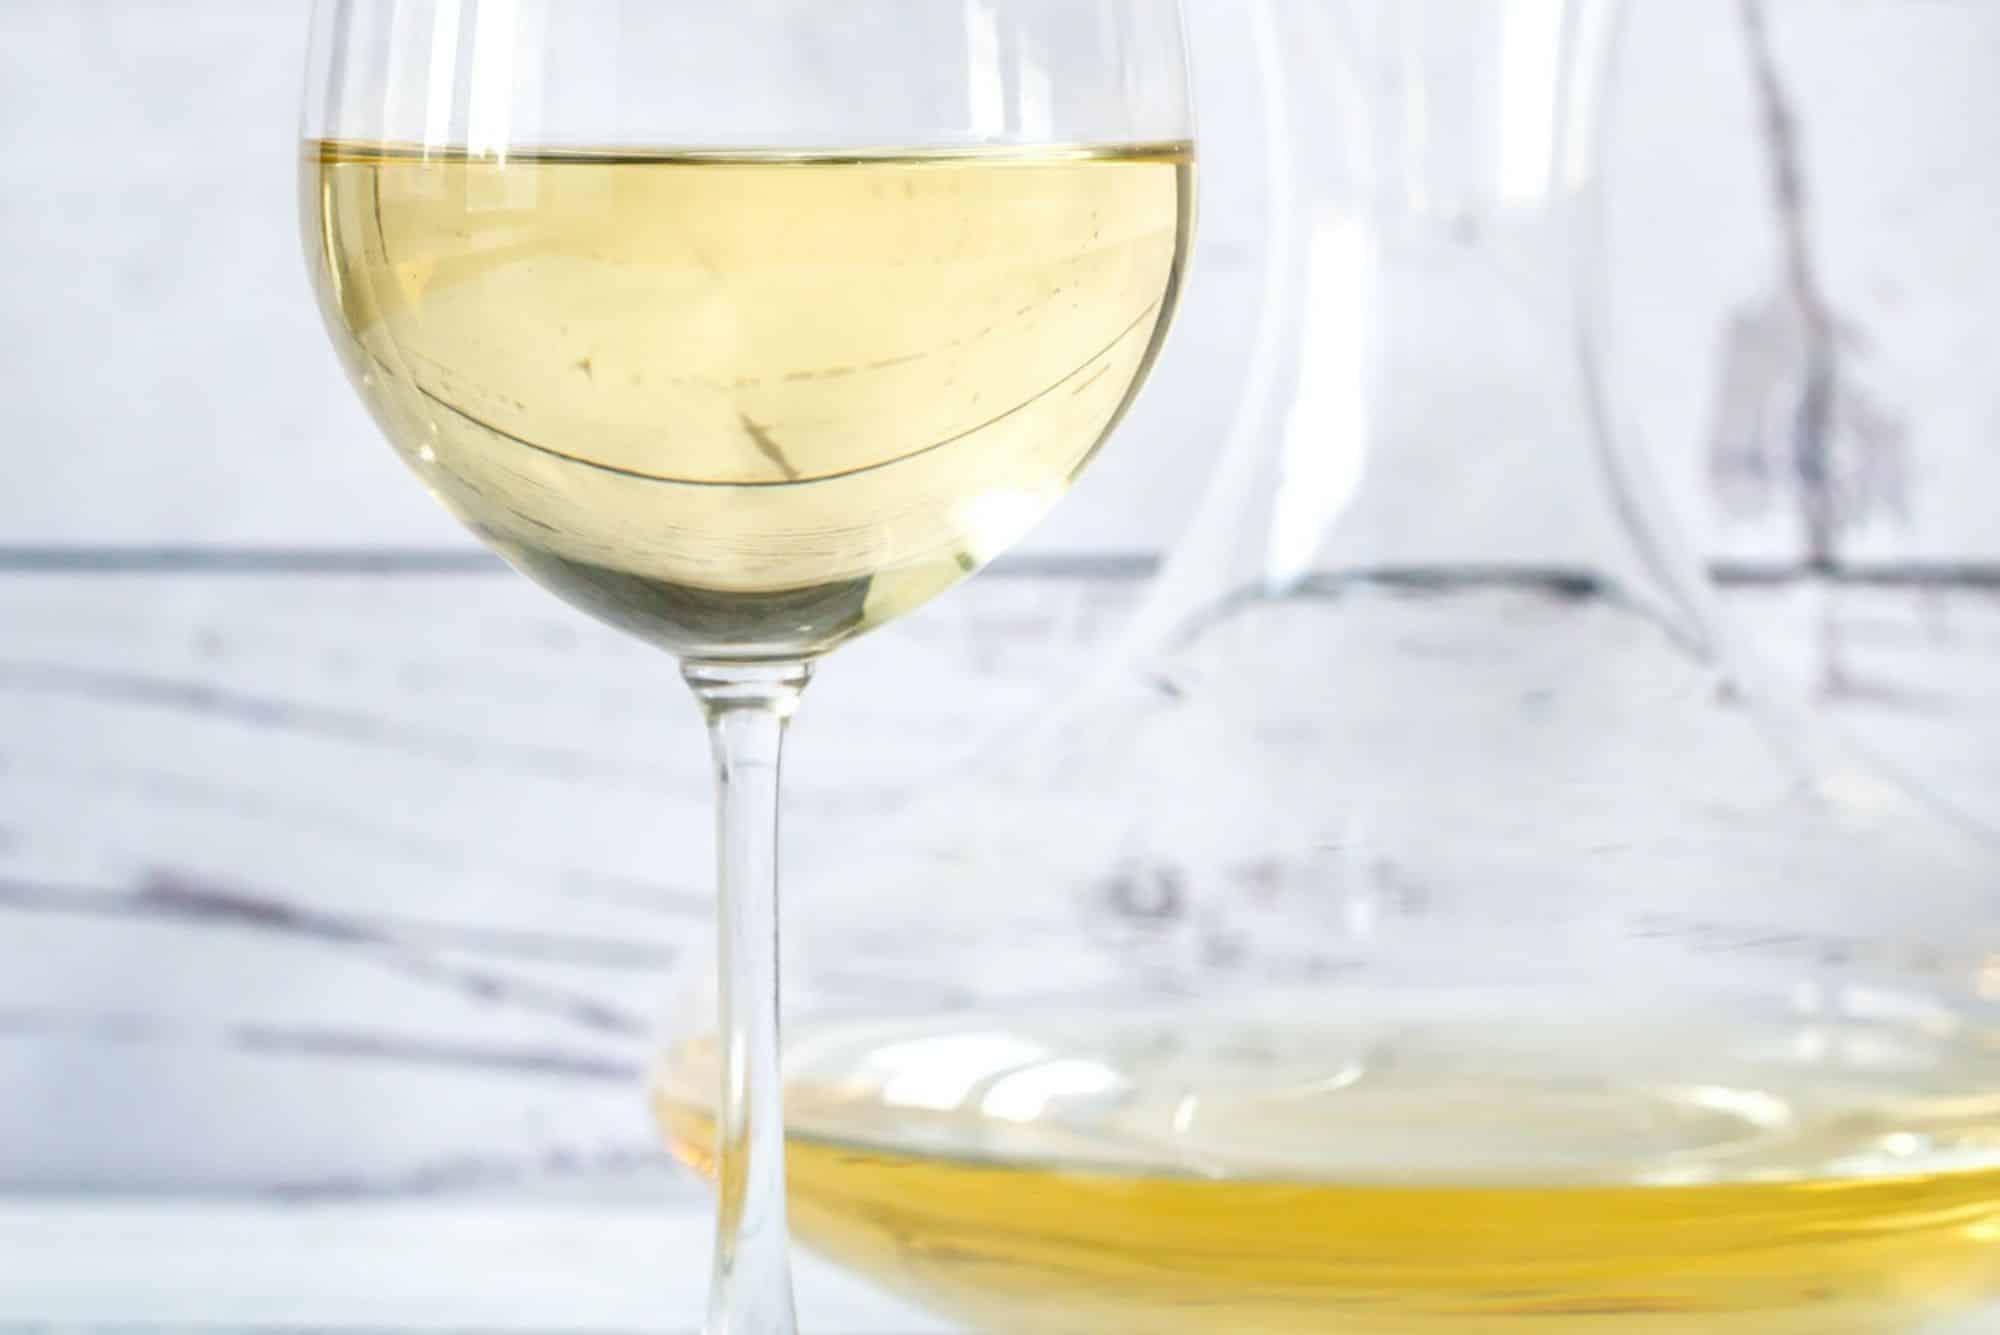 vini bianchi campani pregiati